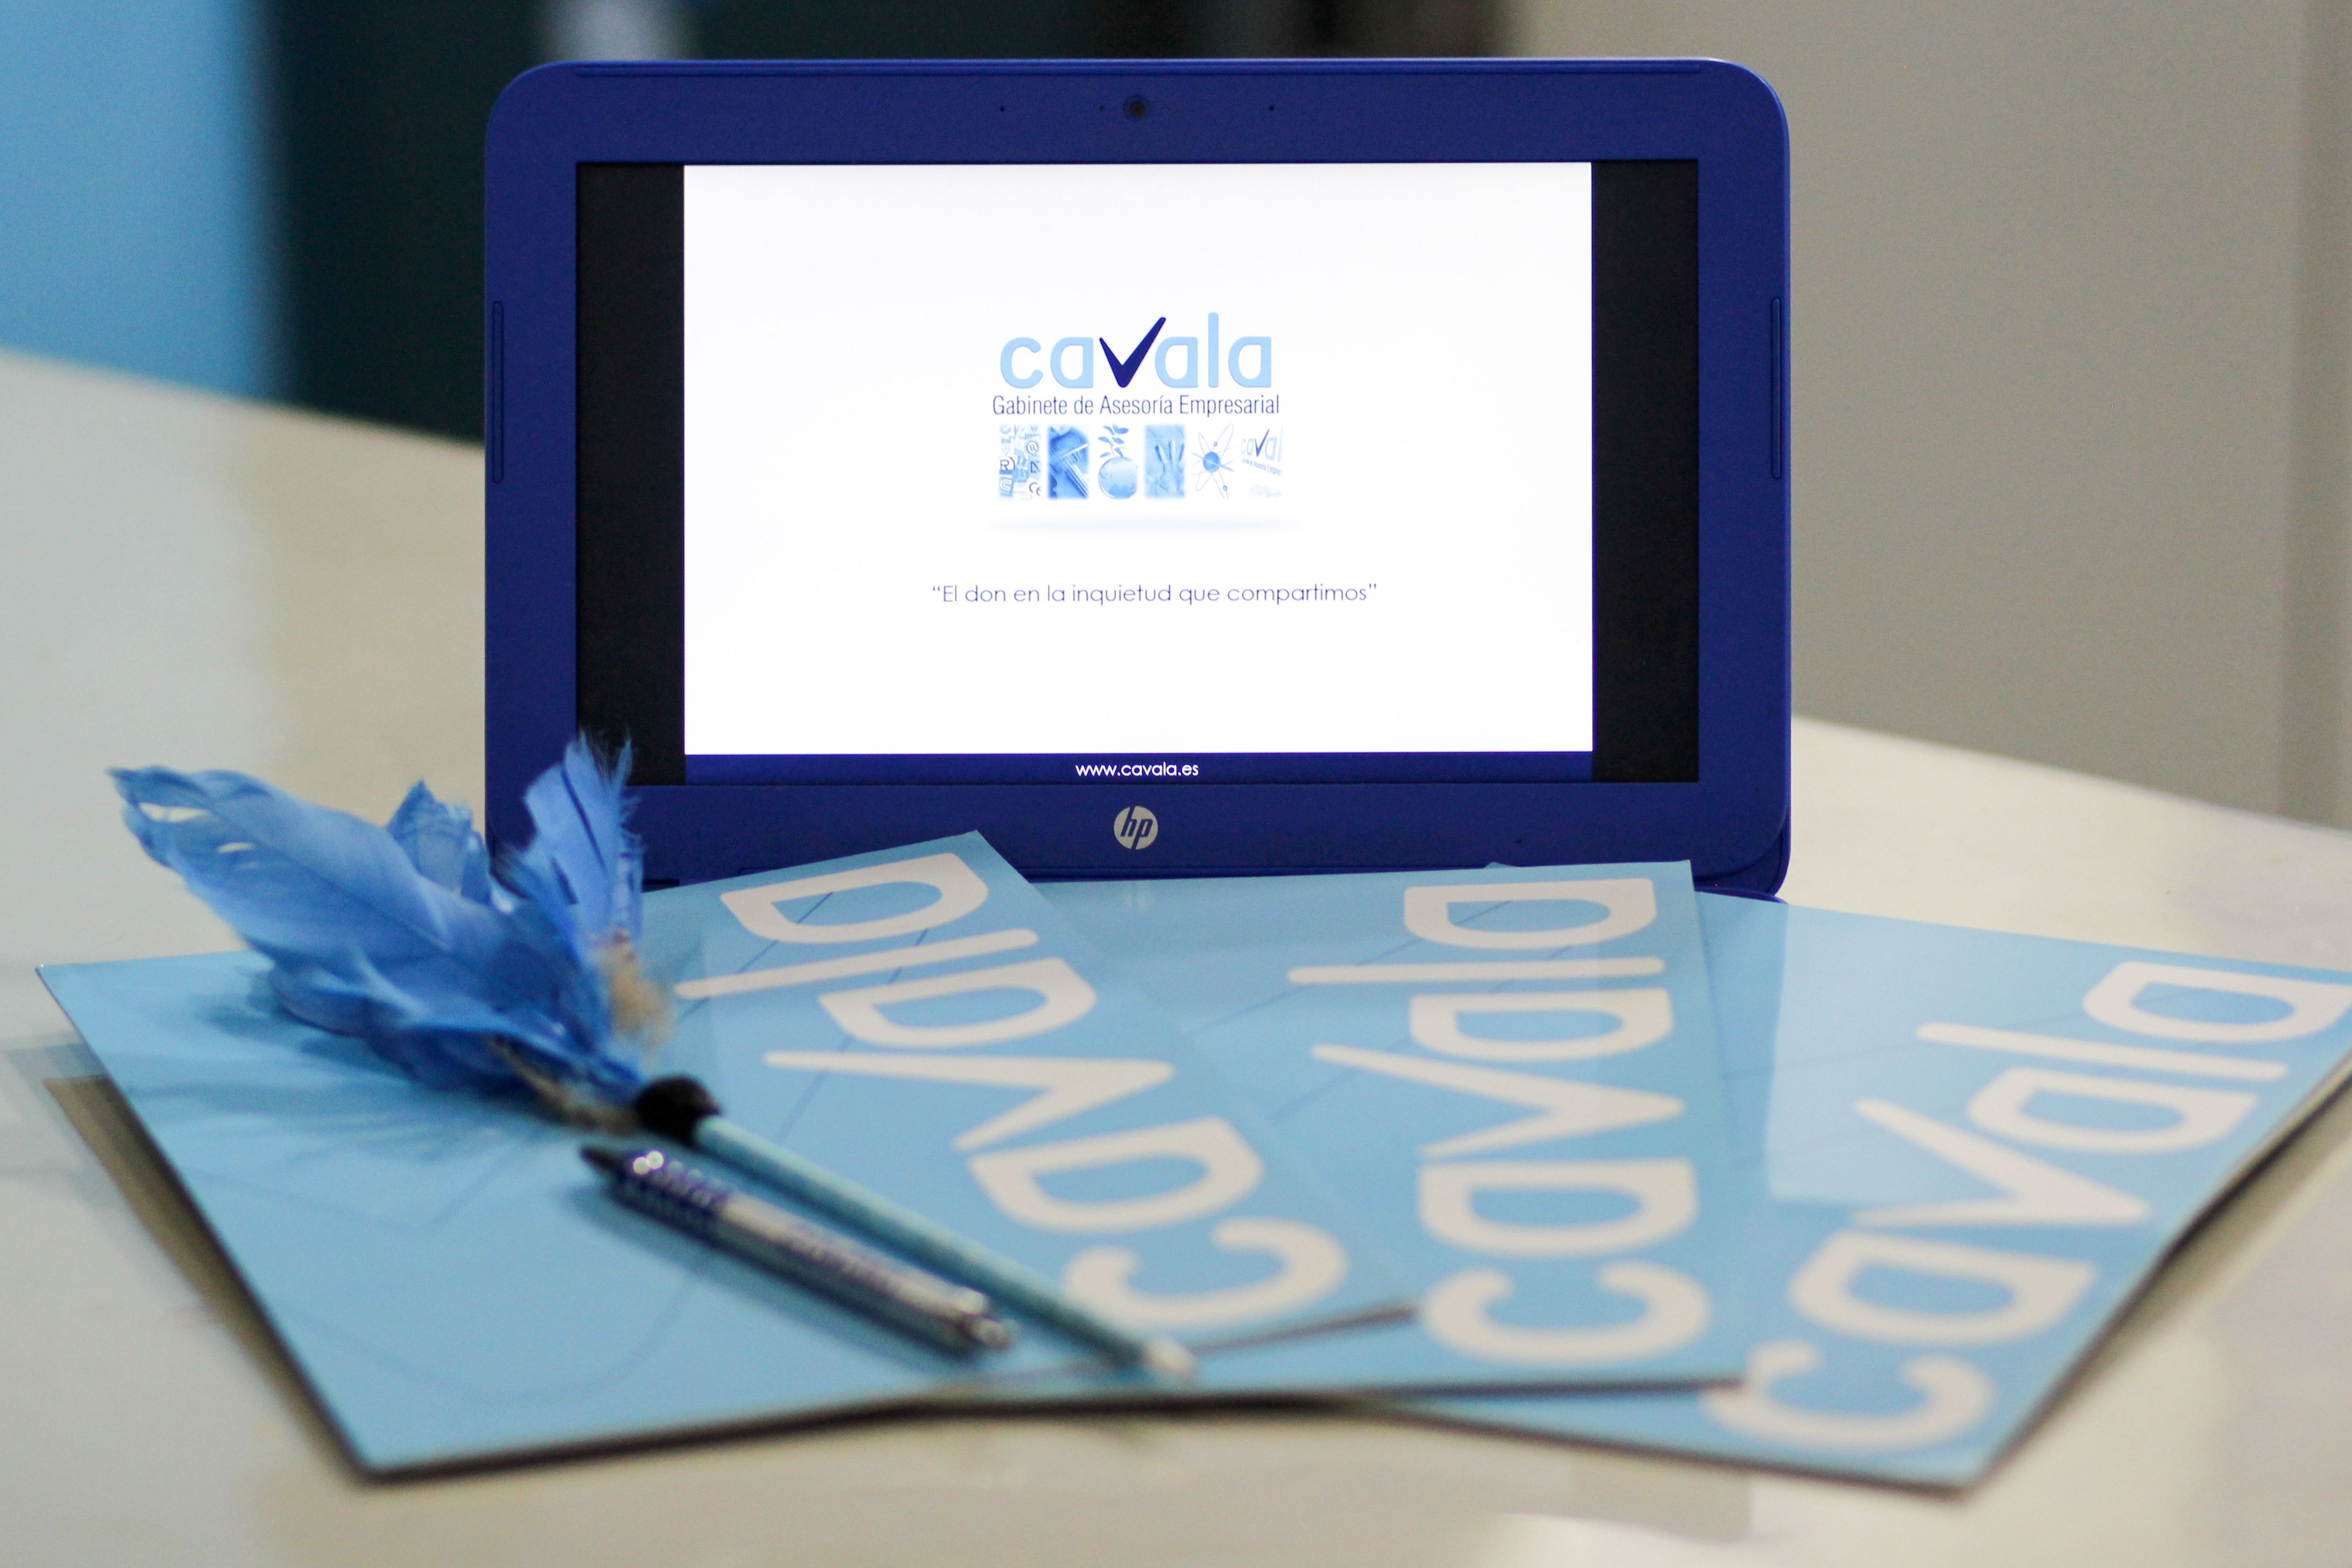 Ayudamos a cualquier empresa a obtener las certificaciones de calidad